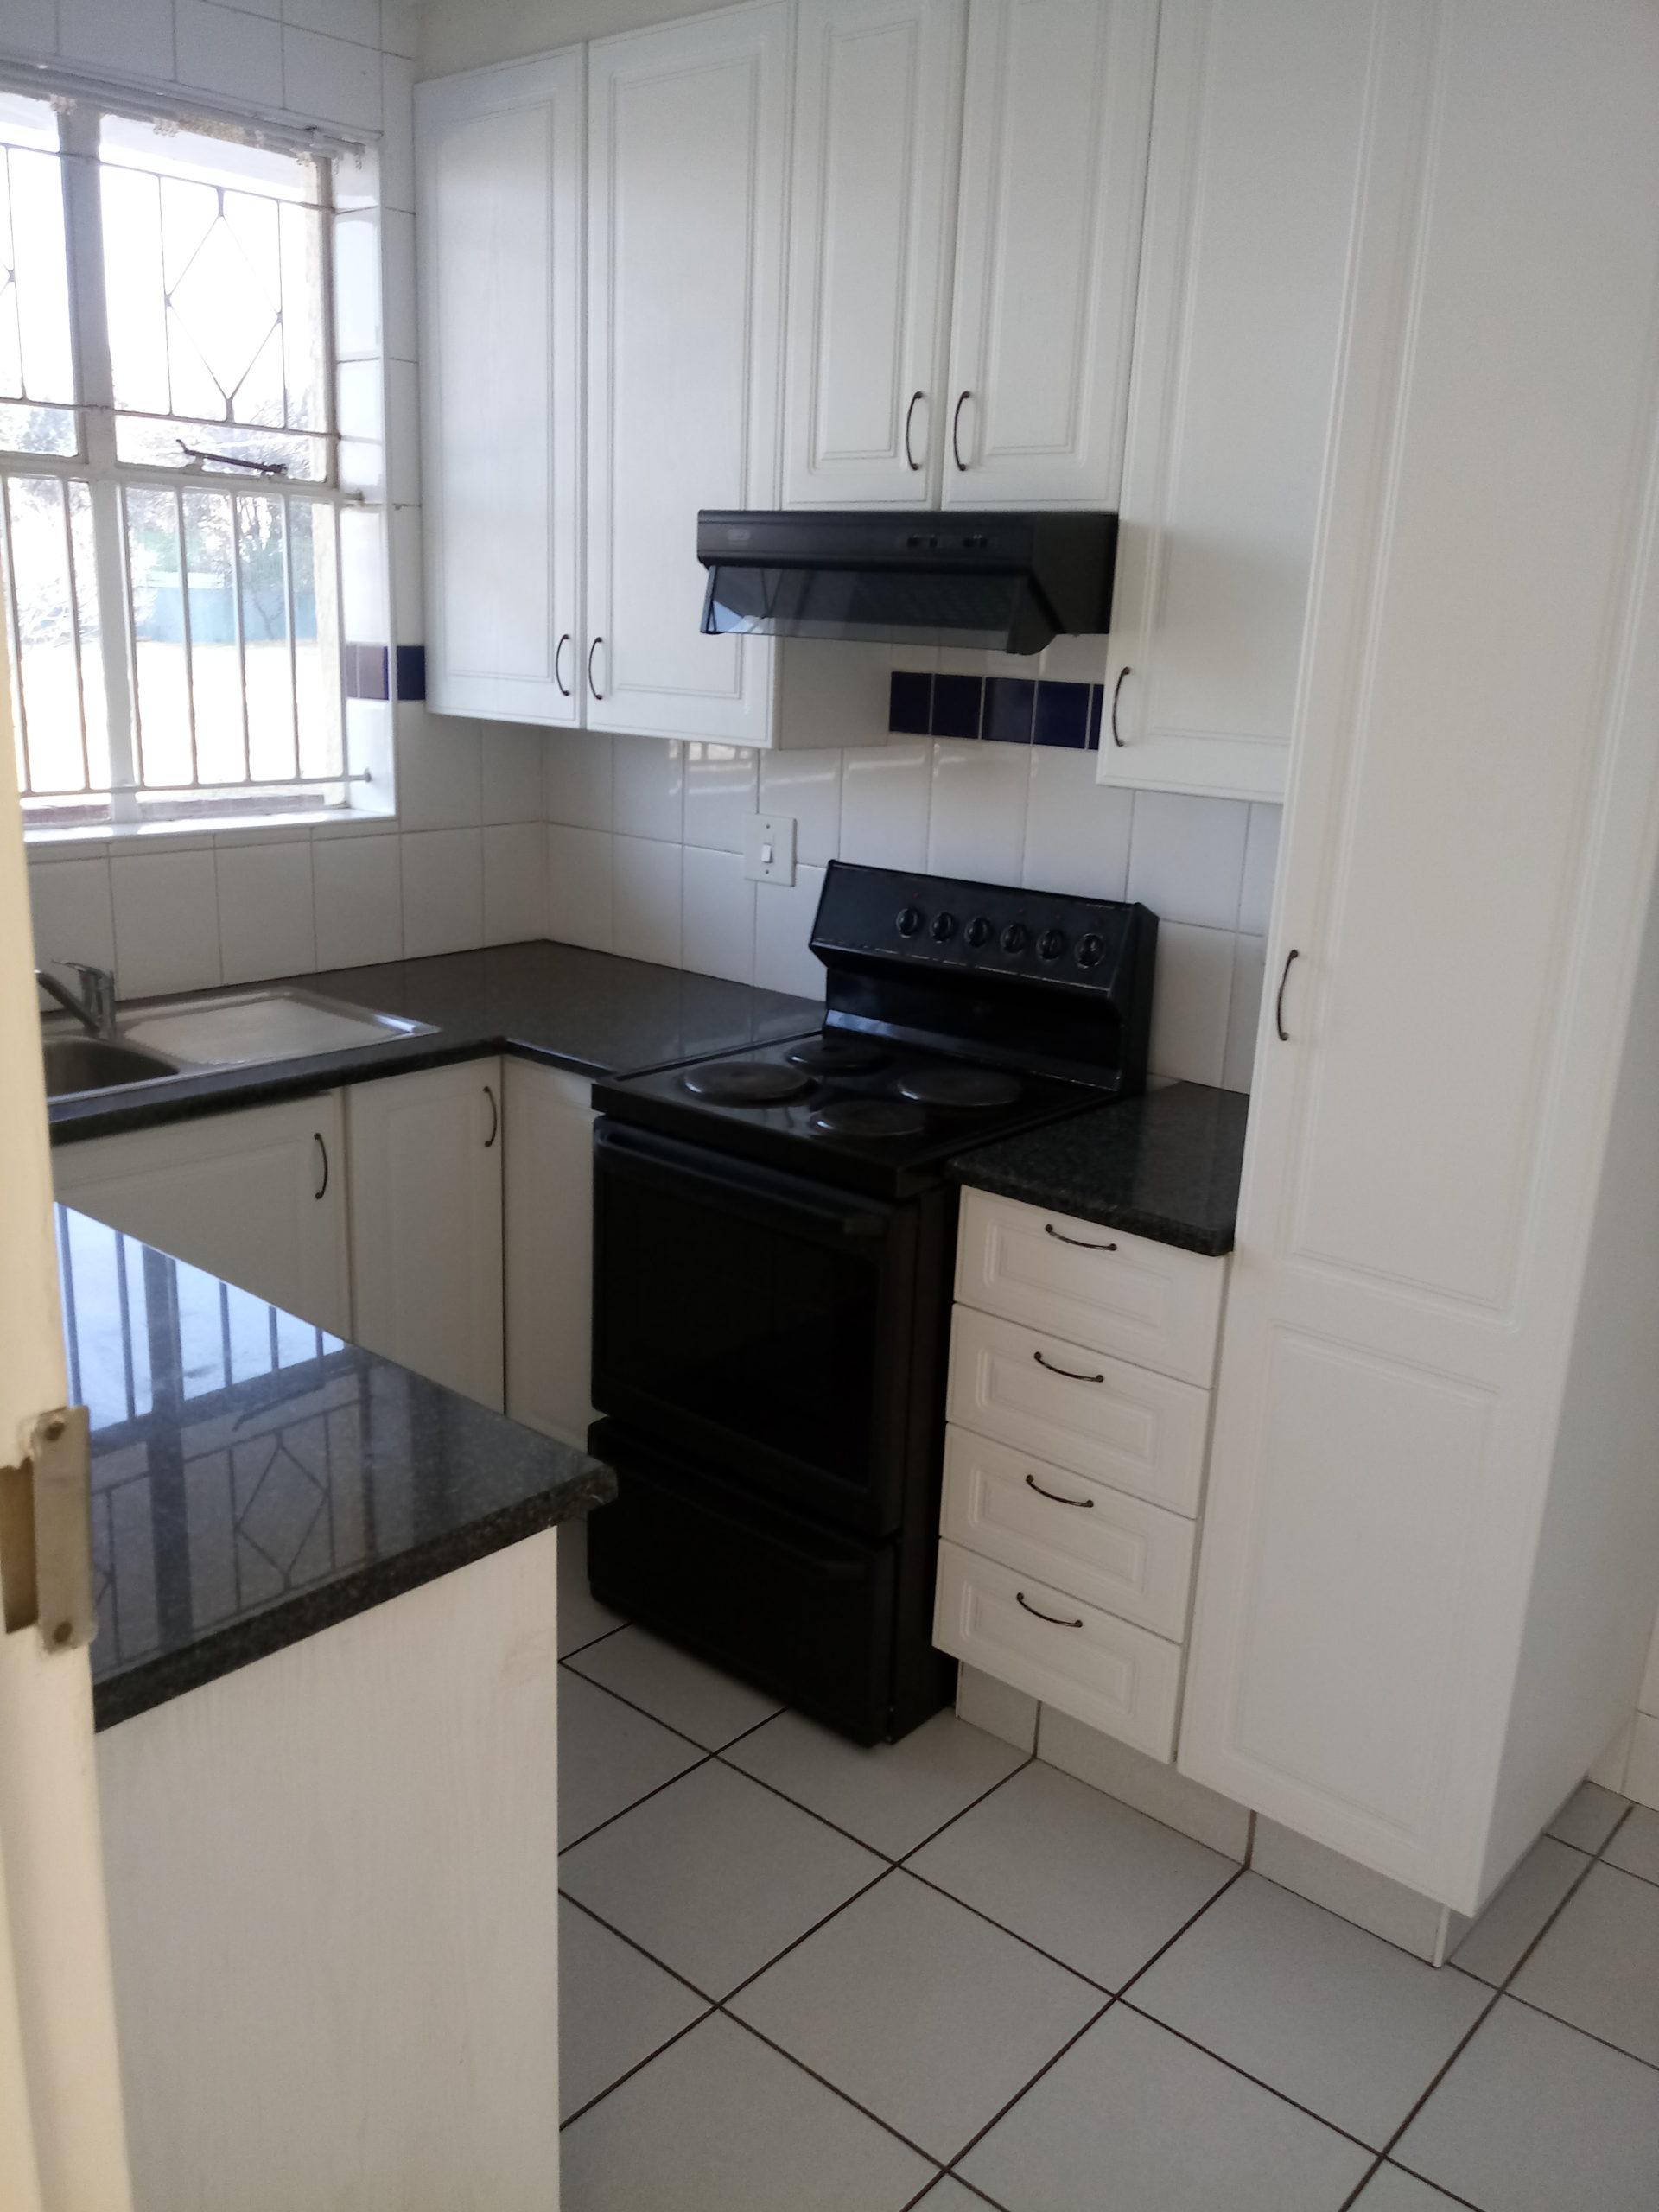 8 Conblair, 1 Bedroom to Rent in Blairgowrie